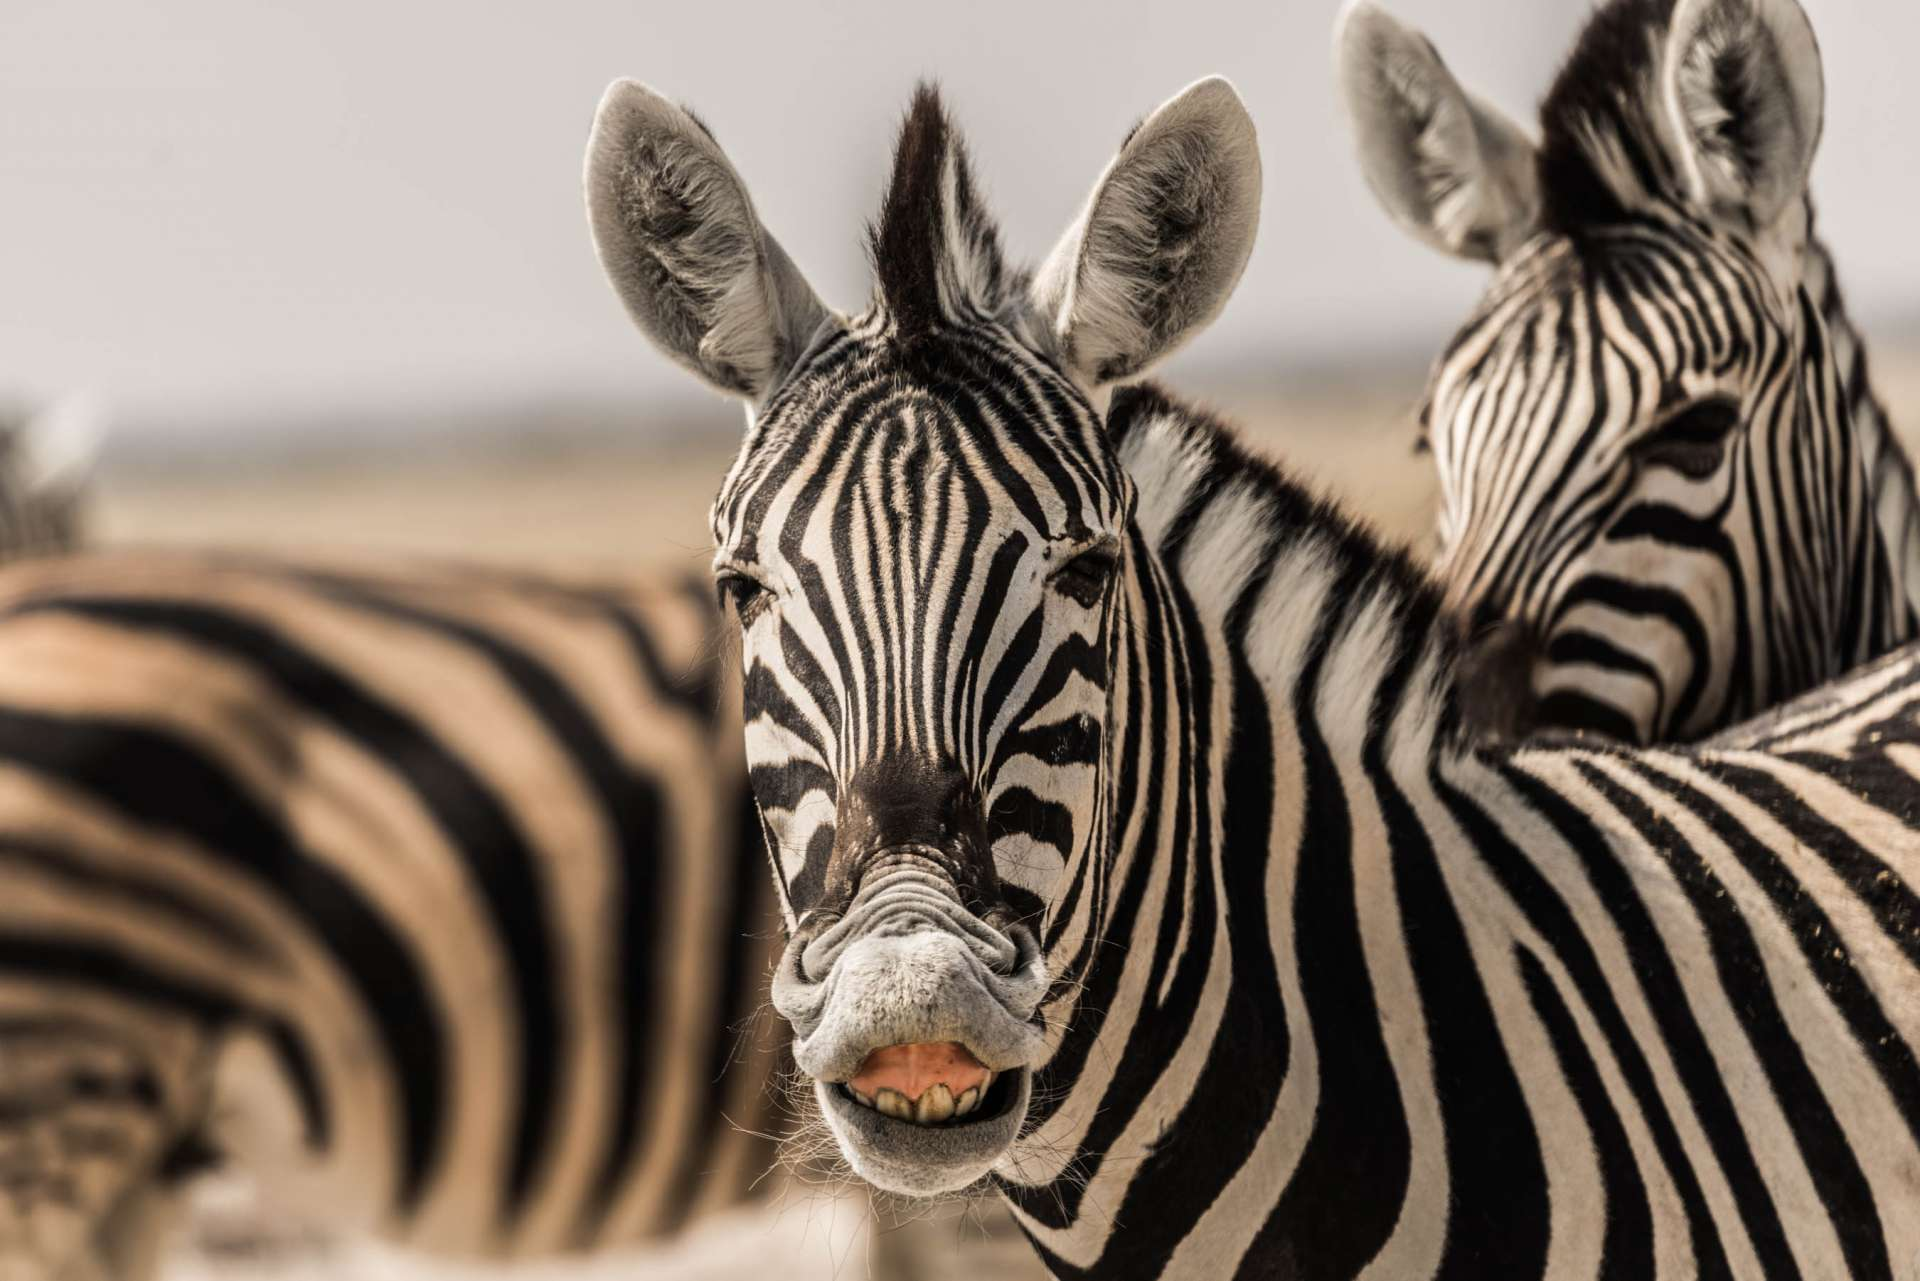 Namibia Enrico Pescantini Travel Photographer wildlife nature etosha smiling zebra